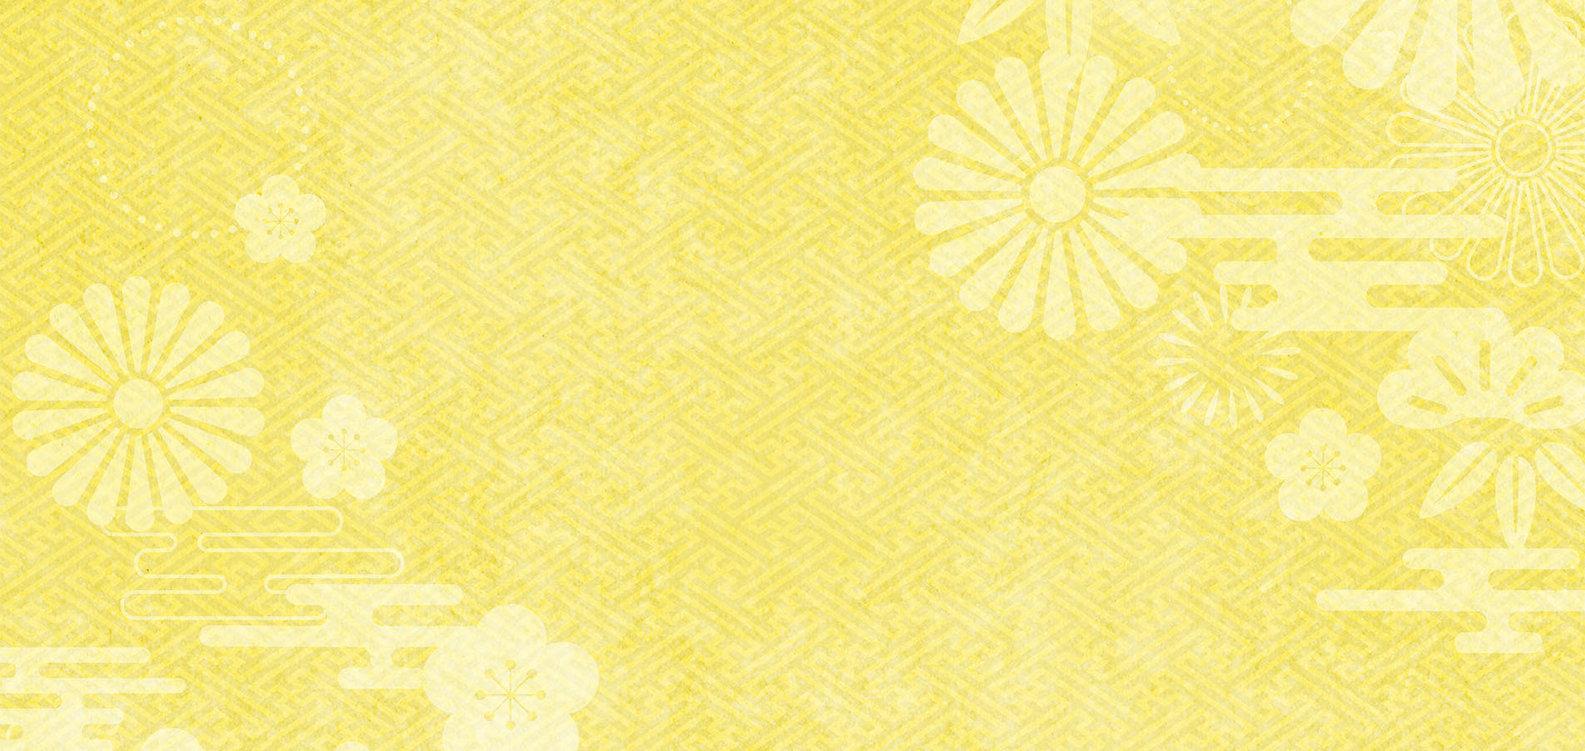 和紙1900×900.jpg